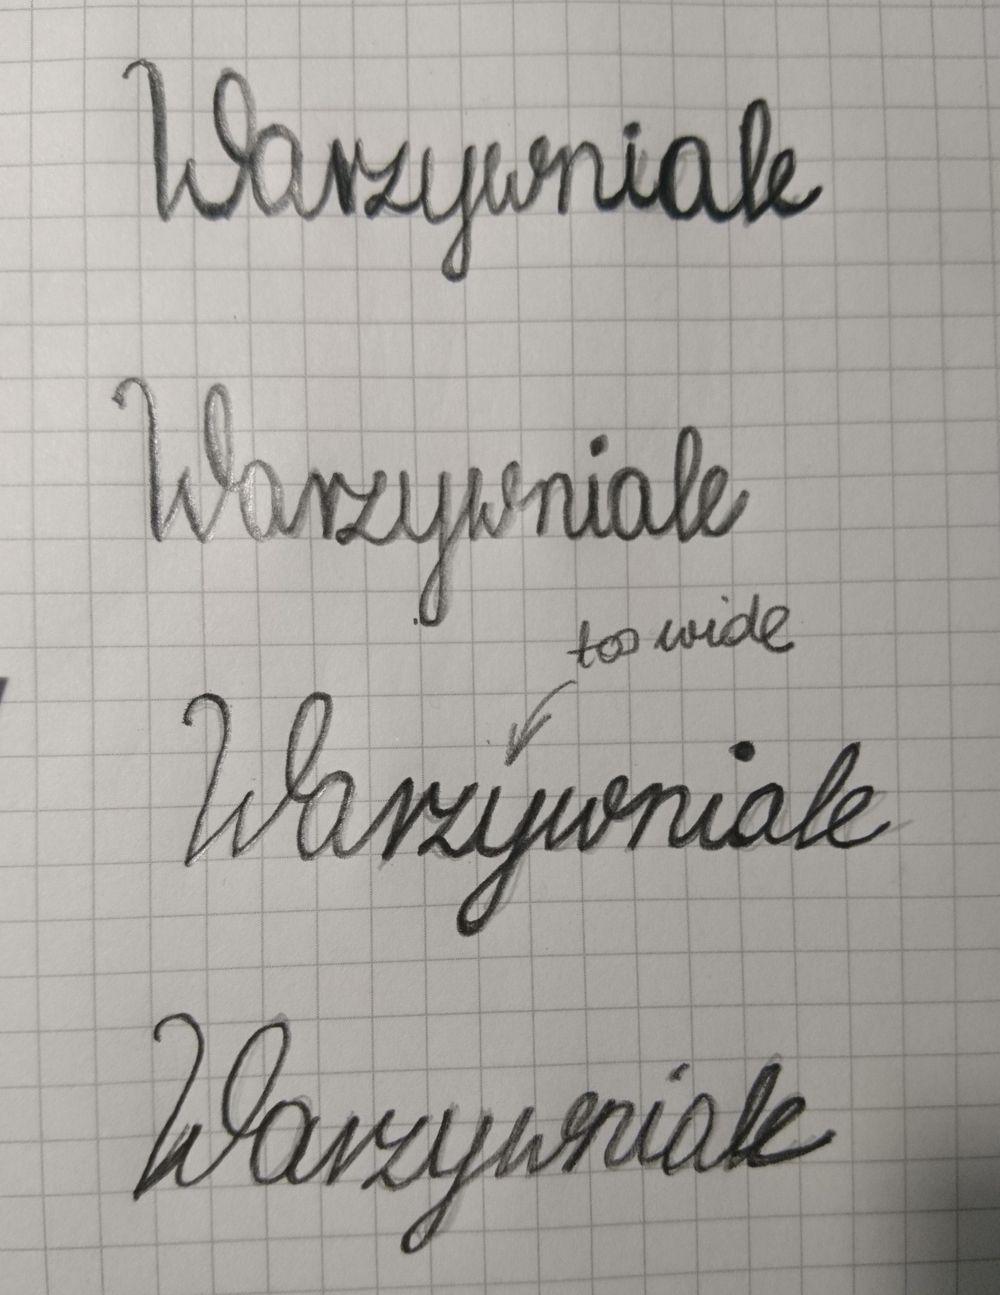 Warzywniak - image 4 - student project